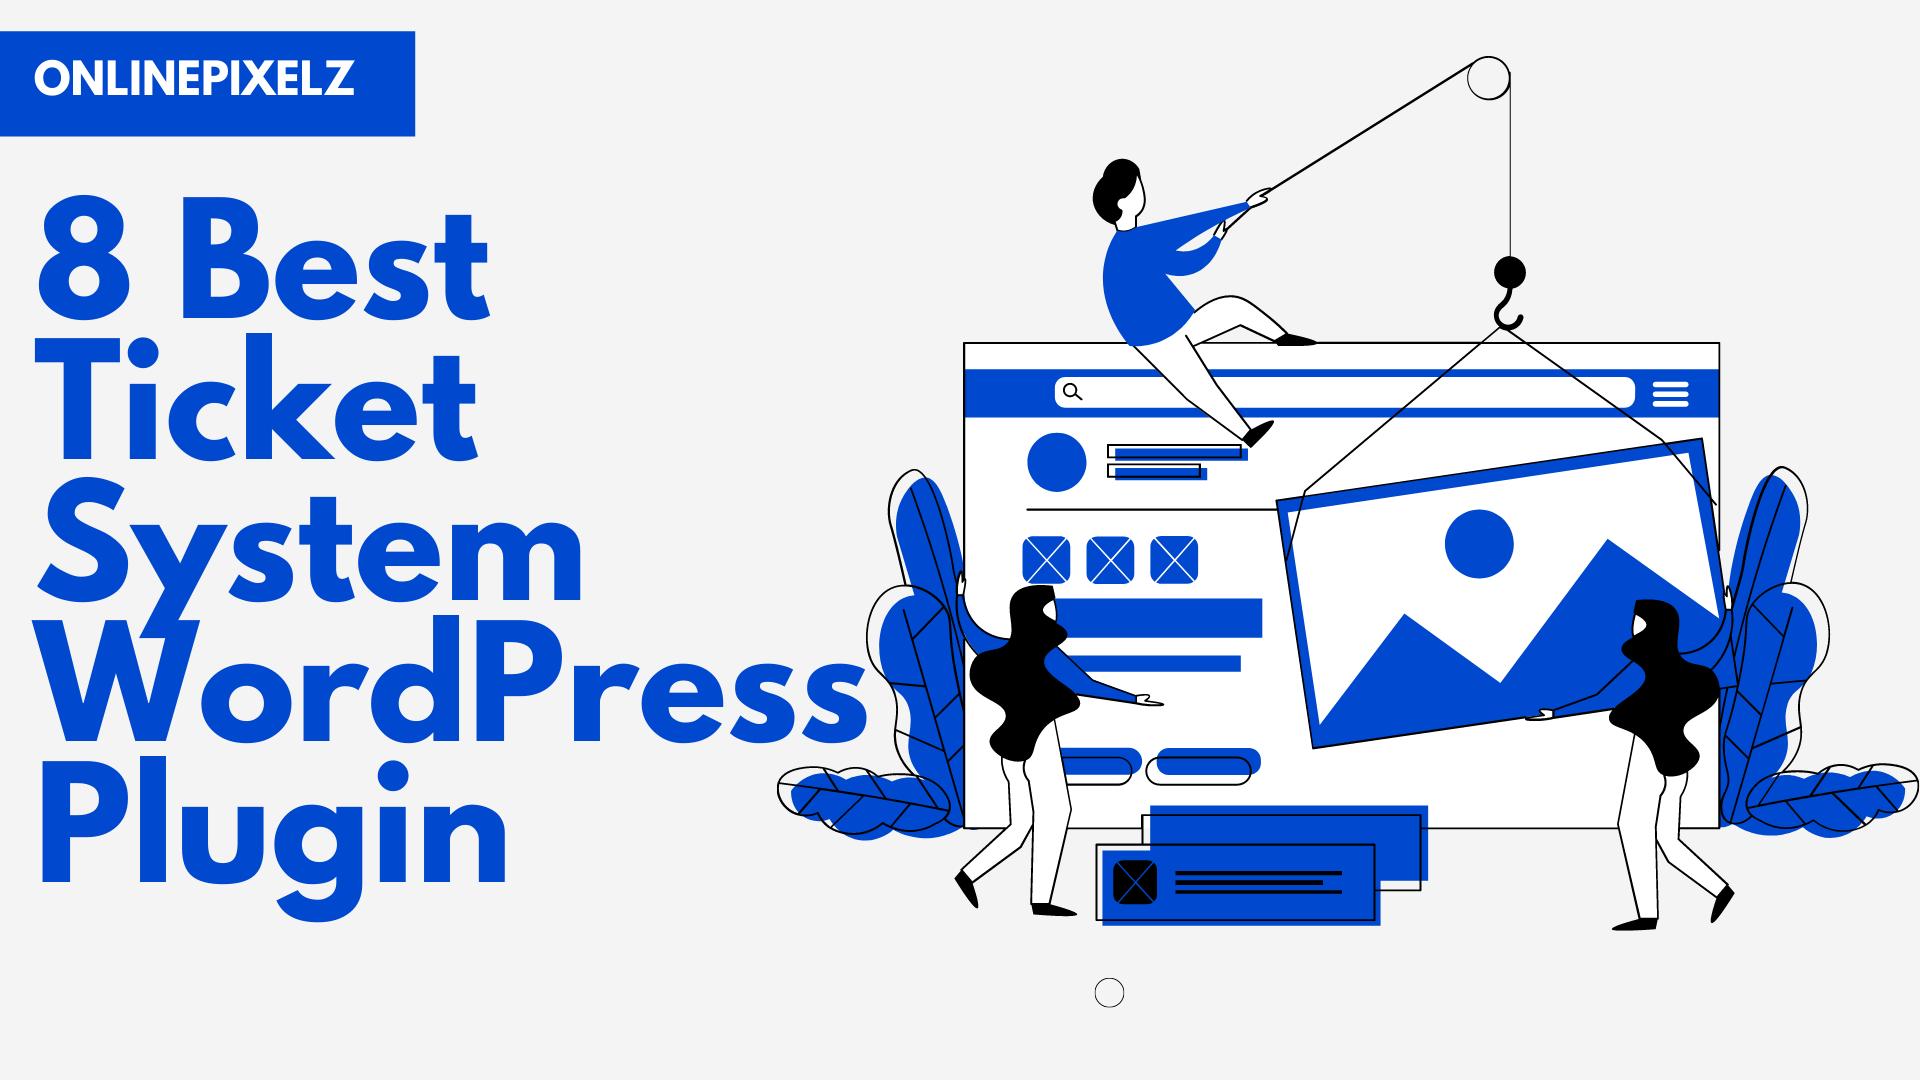 8 Best Ticket System WordPress Plugin